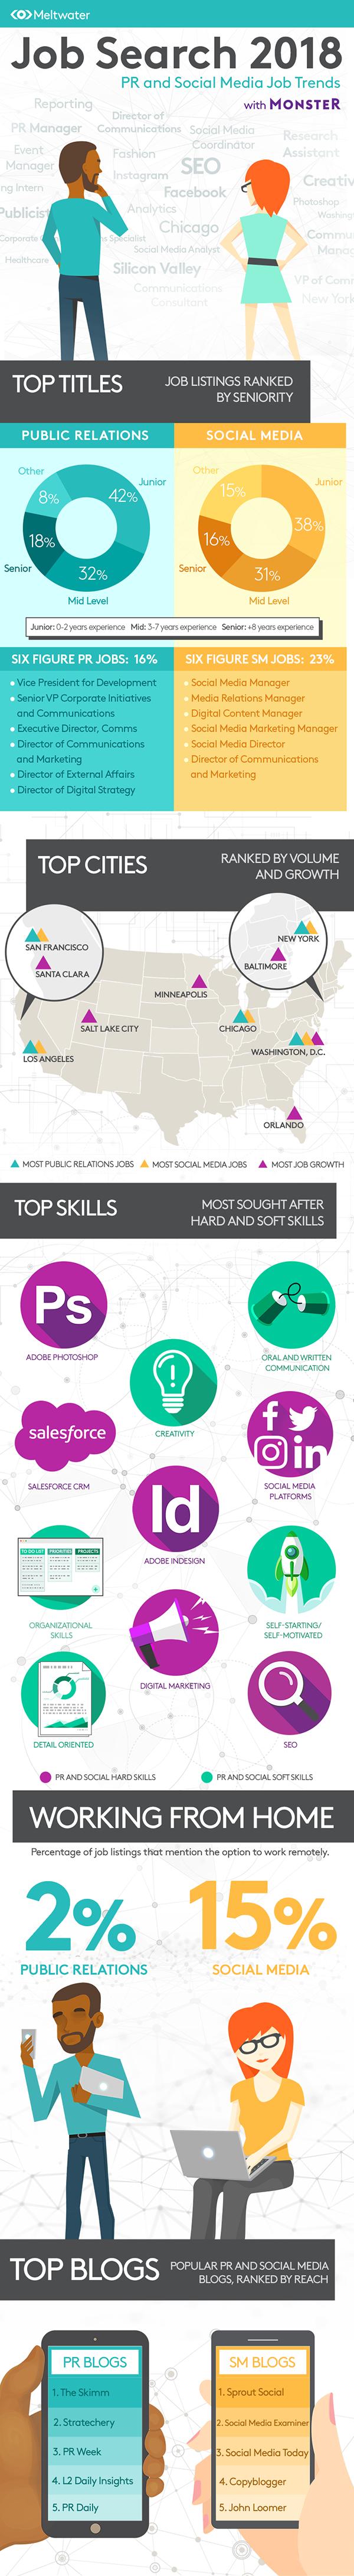 PR and Social Media Jobs